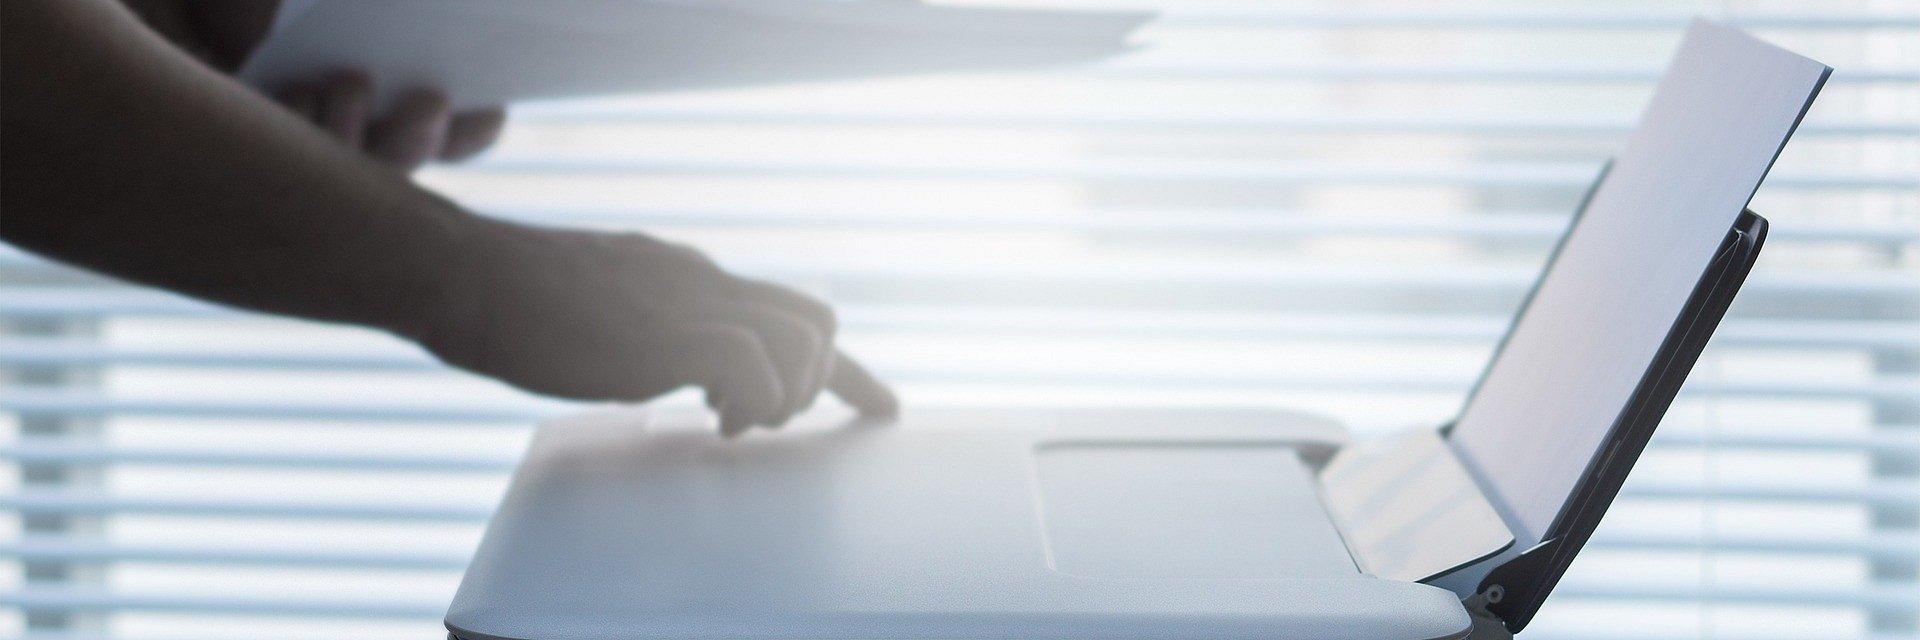 Kopiowanie dowodów osobistych w firmach – co naprawdę zmienia nowe prawo?